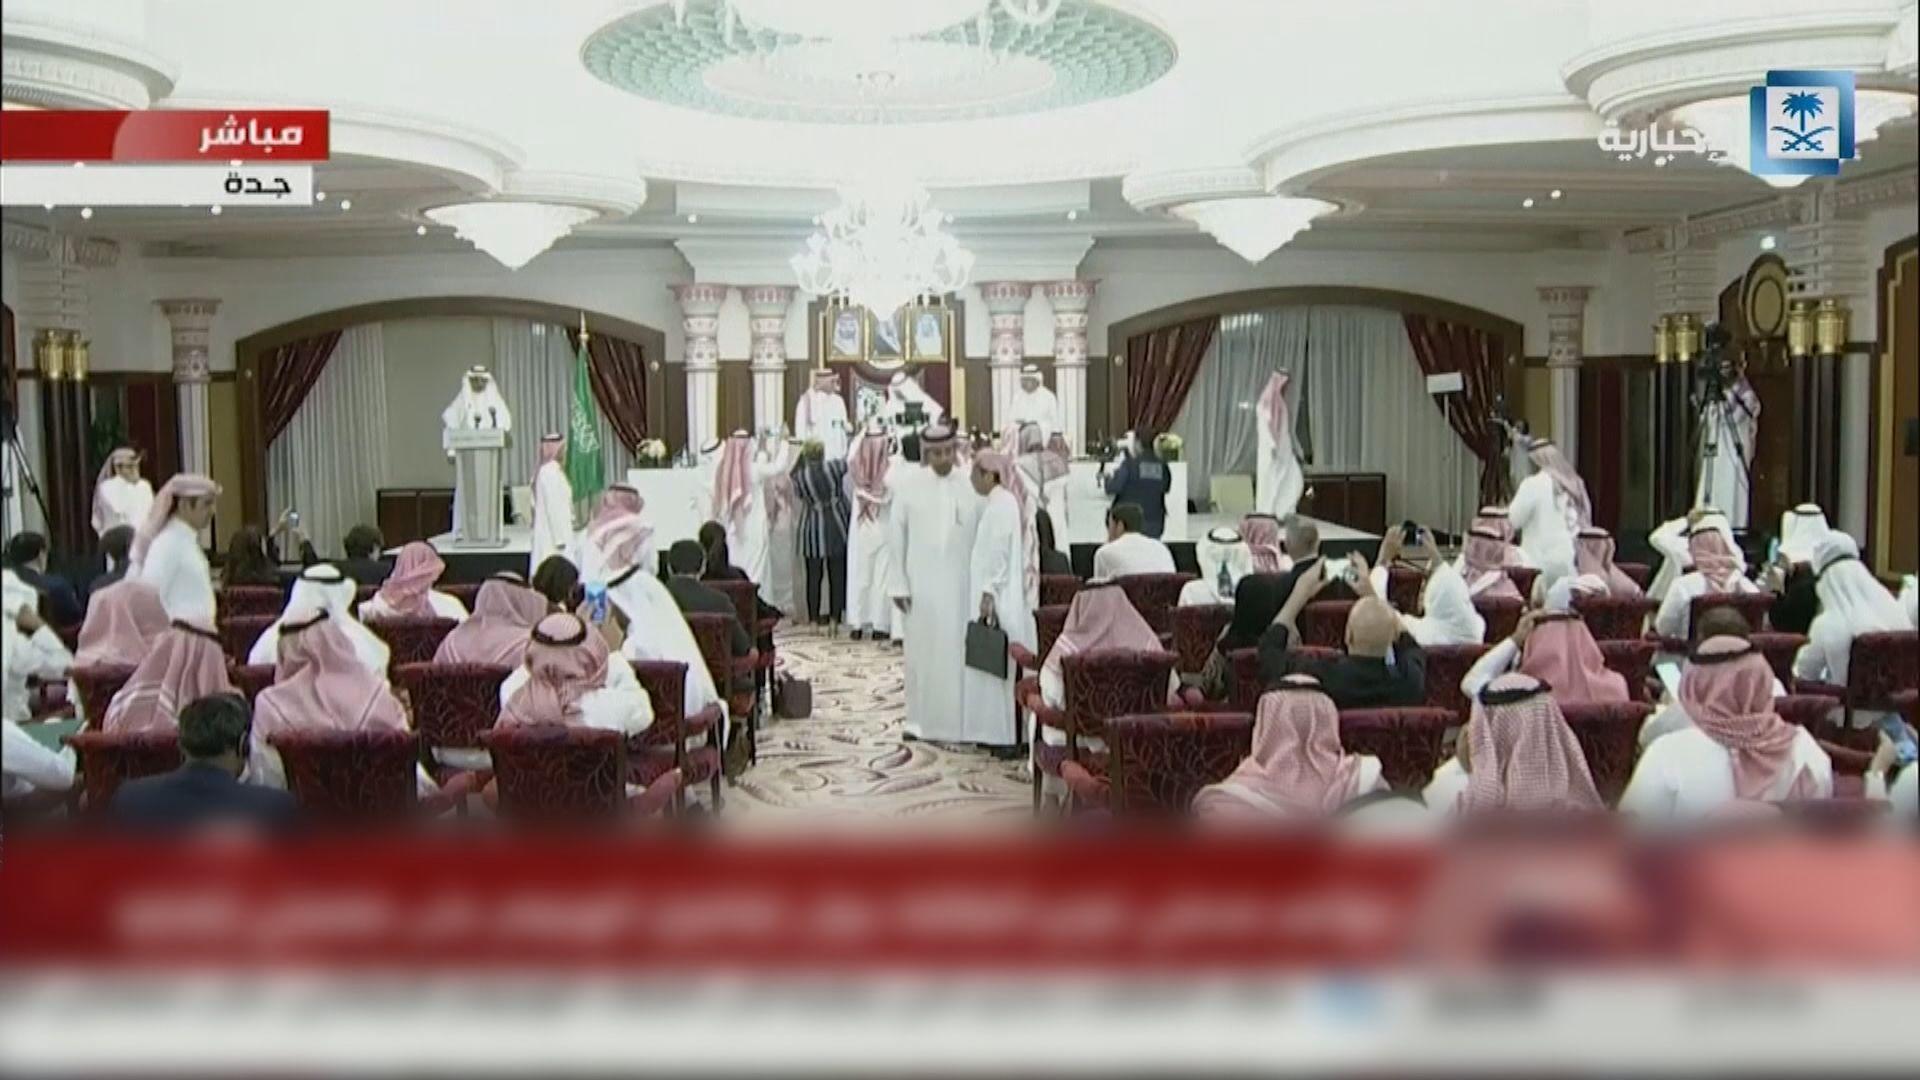 報道指沙特石油設施遇襲或來自伊朗西南部